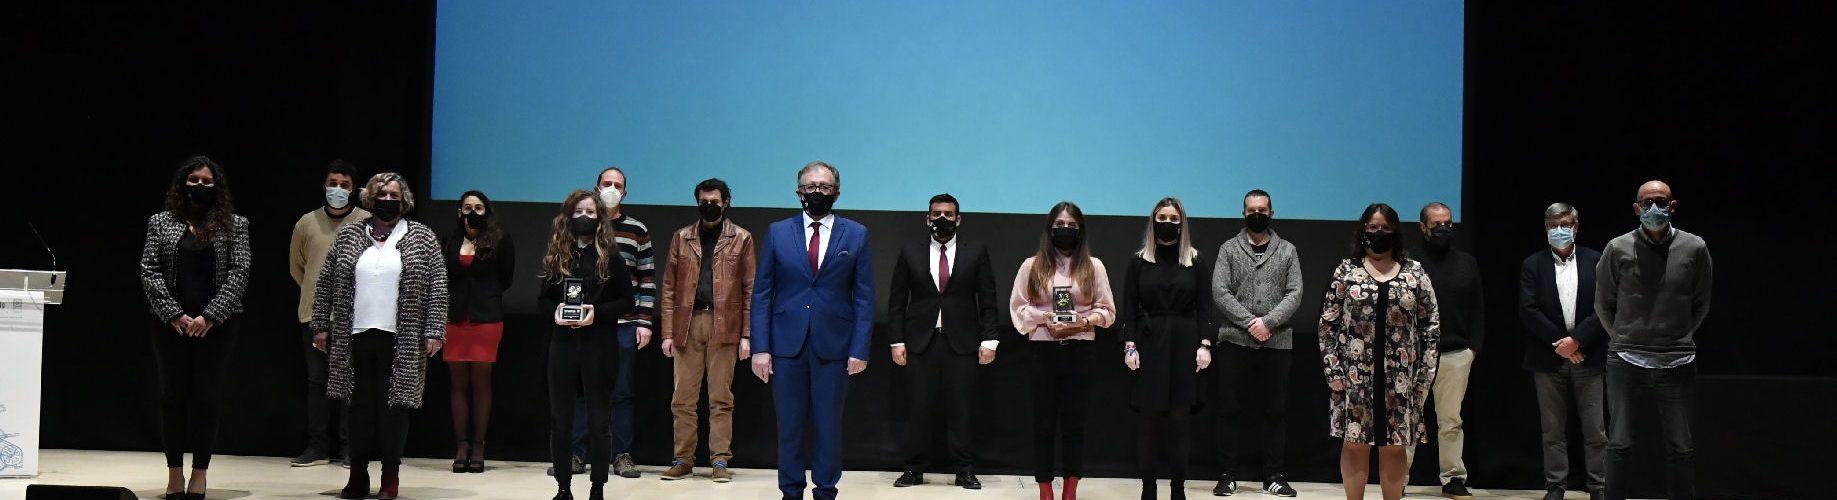 La Diputació de Castelló premia 'Voces de la pandemia' com a millor curt de la província en 'Cortometrando'